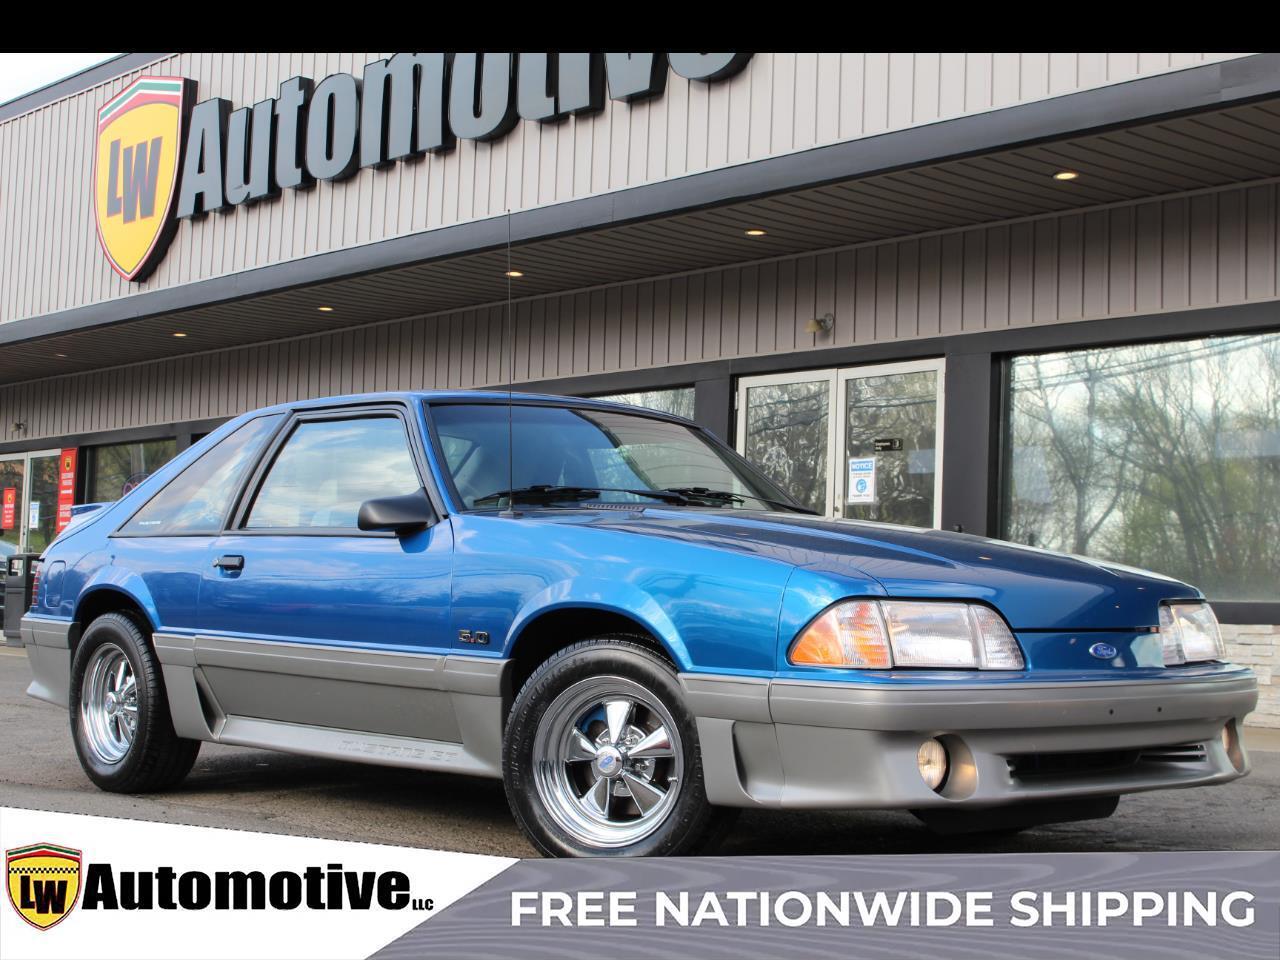 1990 Ford Mustang 2dr Hatchback GT